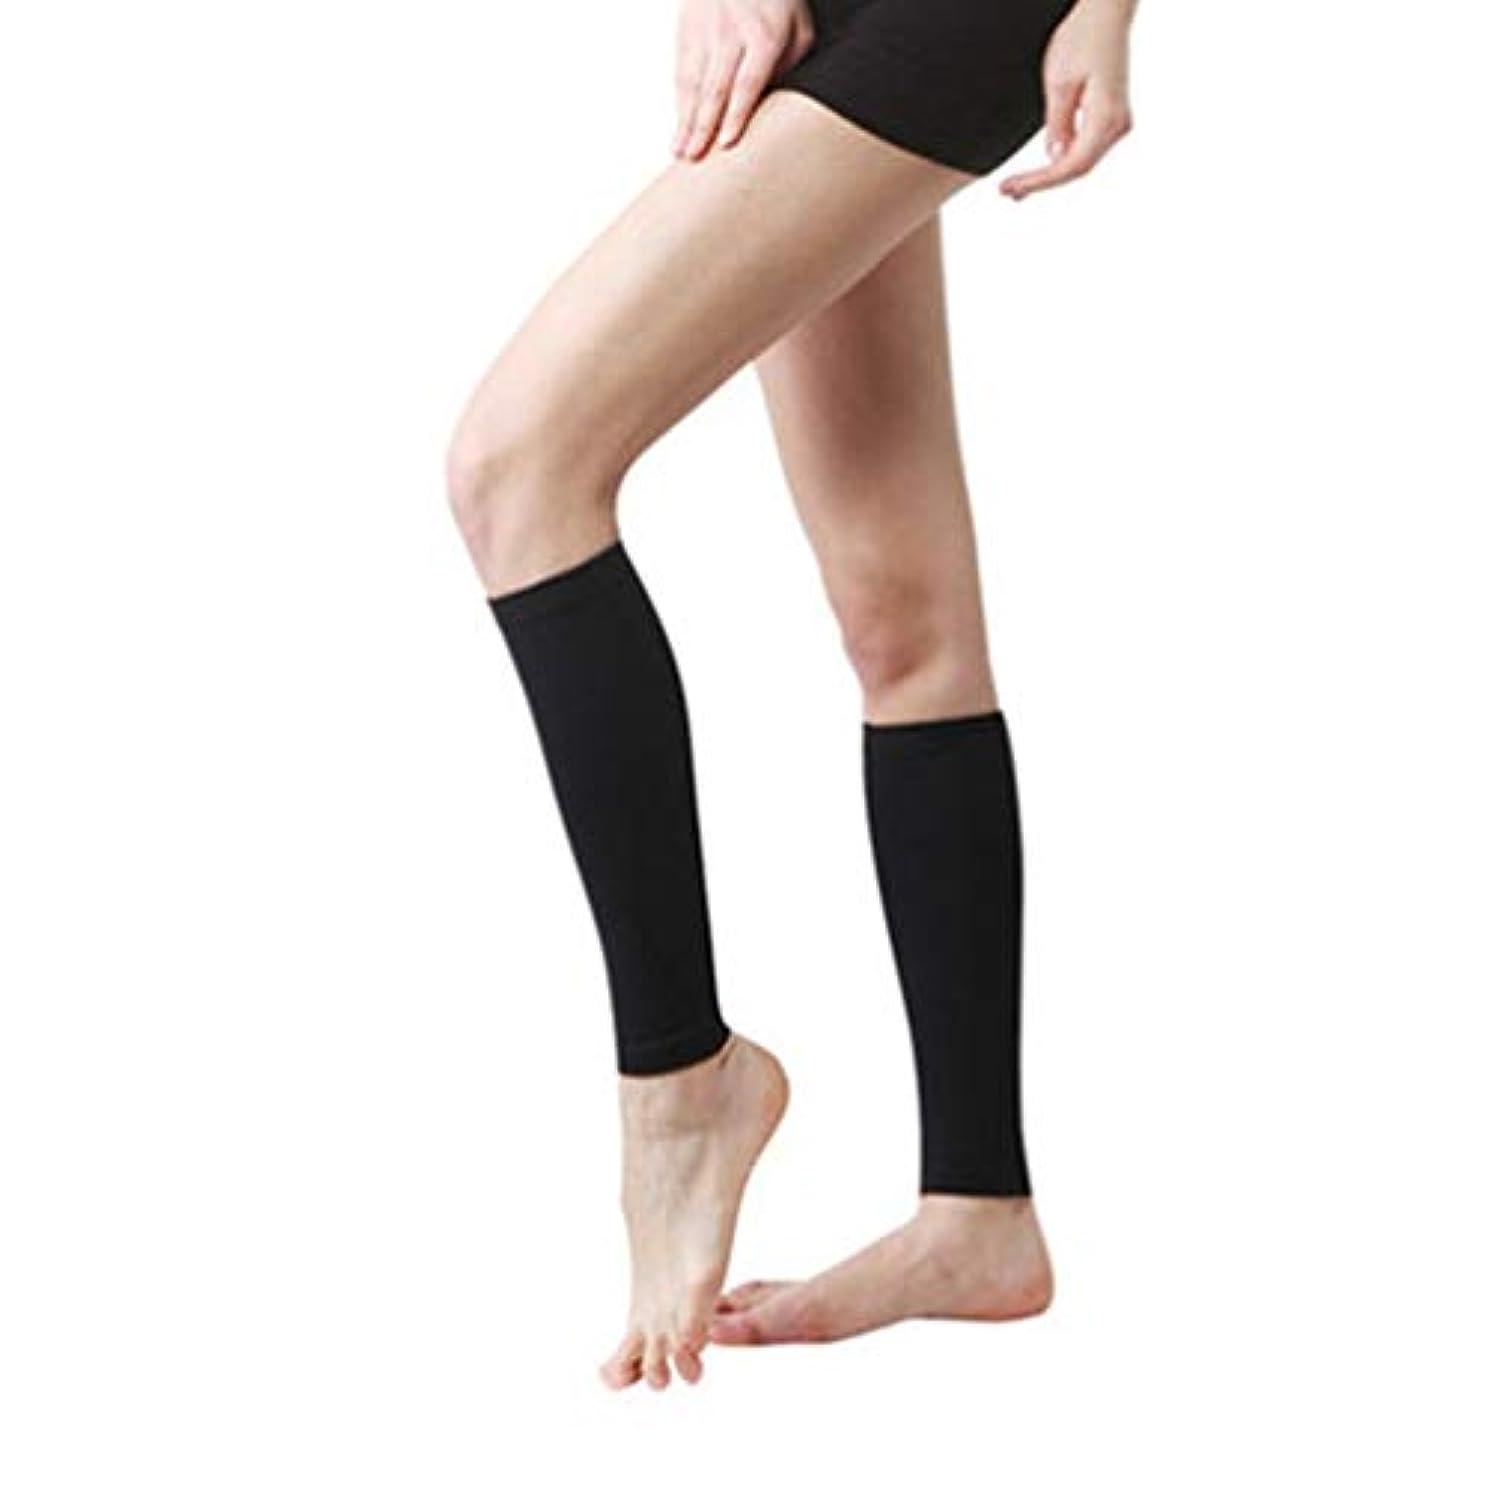 構造的クックそうでなければ丈夫な男性女性プロの圧縮靴下通気性のある旅行活動看護師用シンススプリントフライトトラベル - ブラック